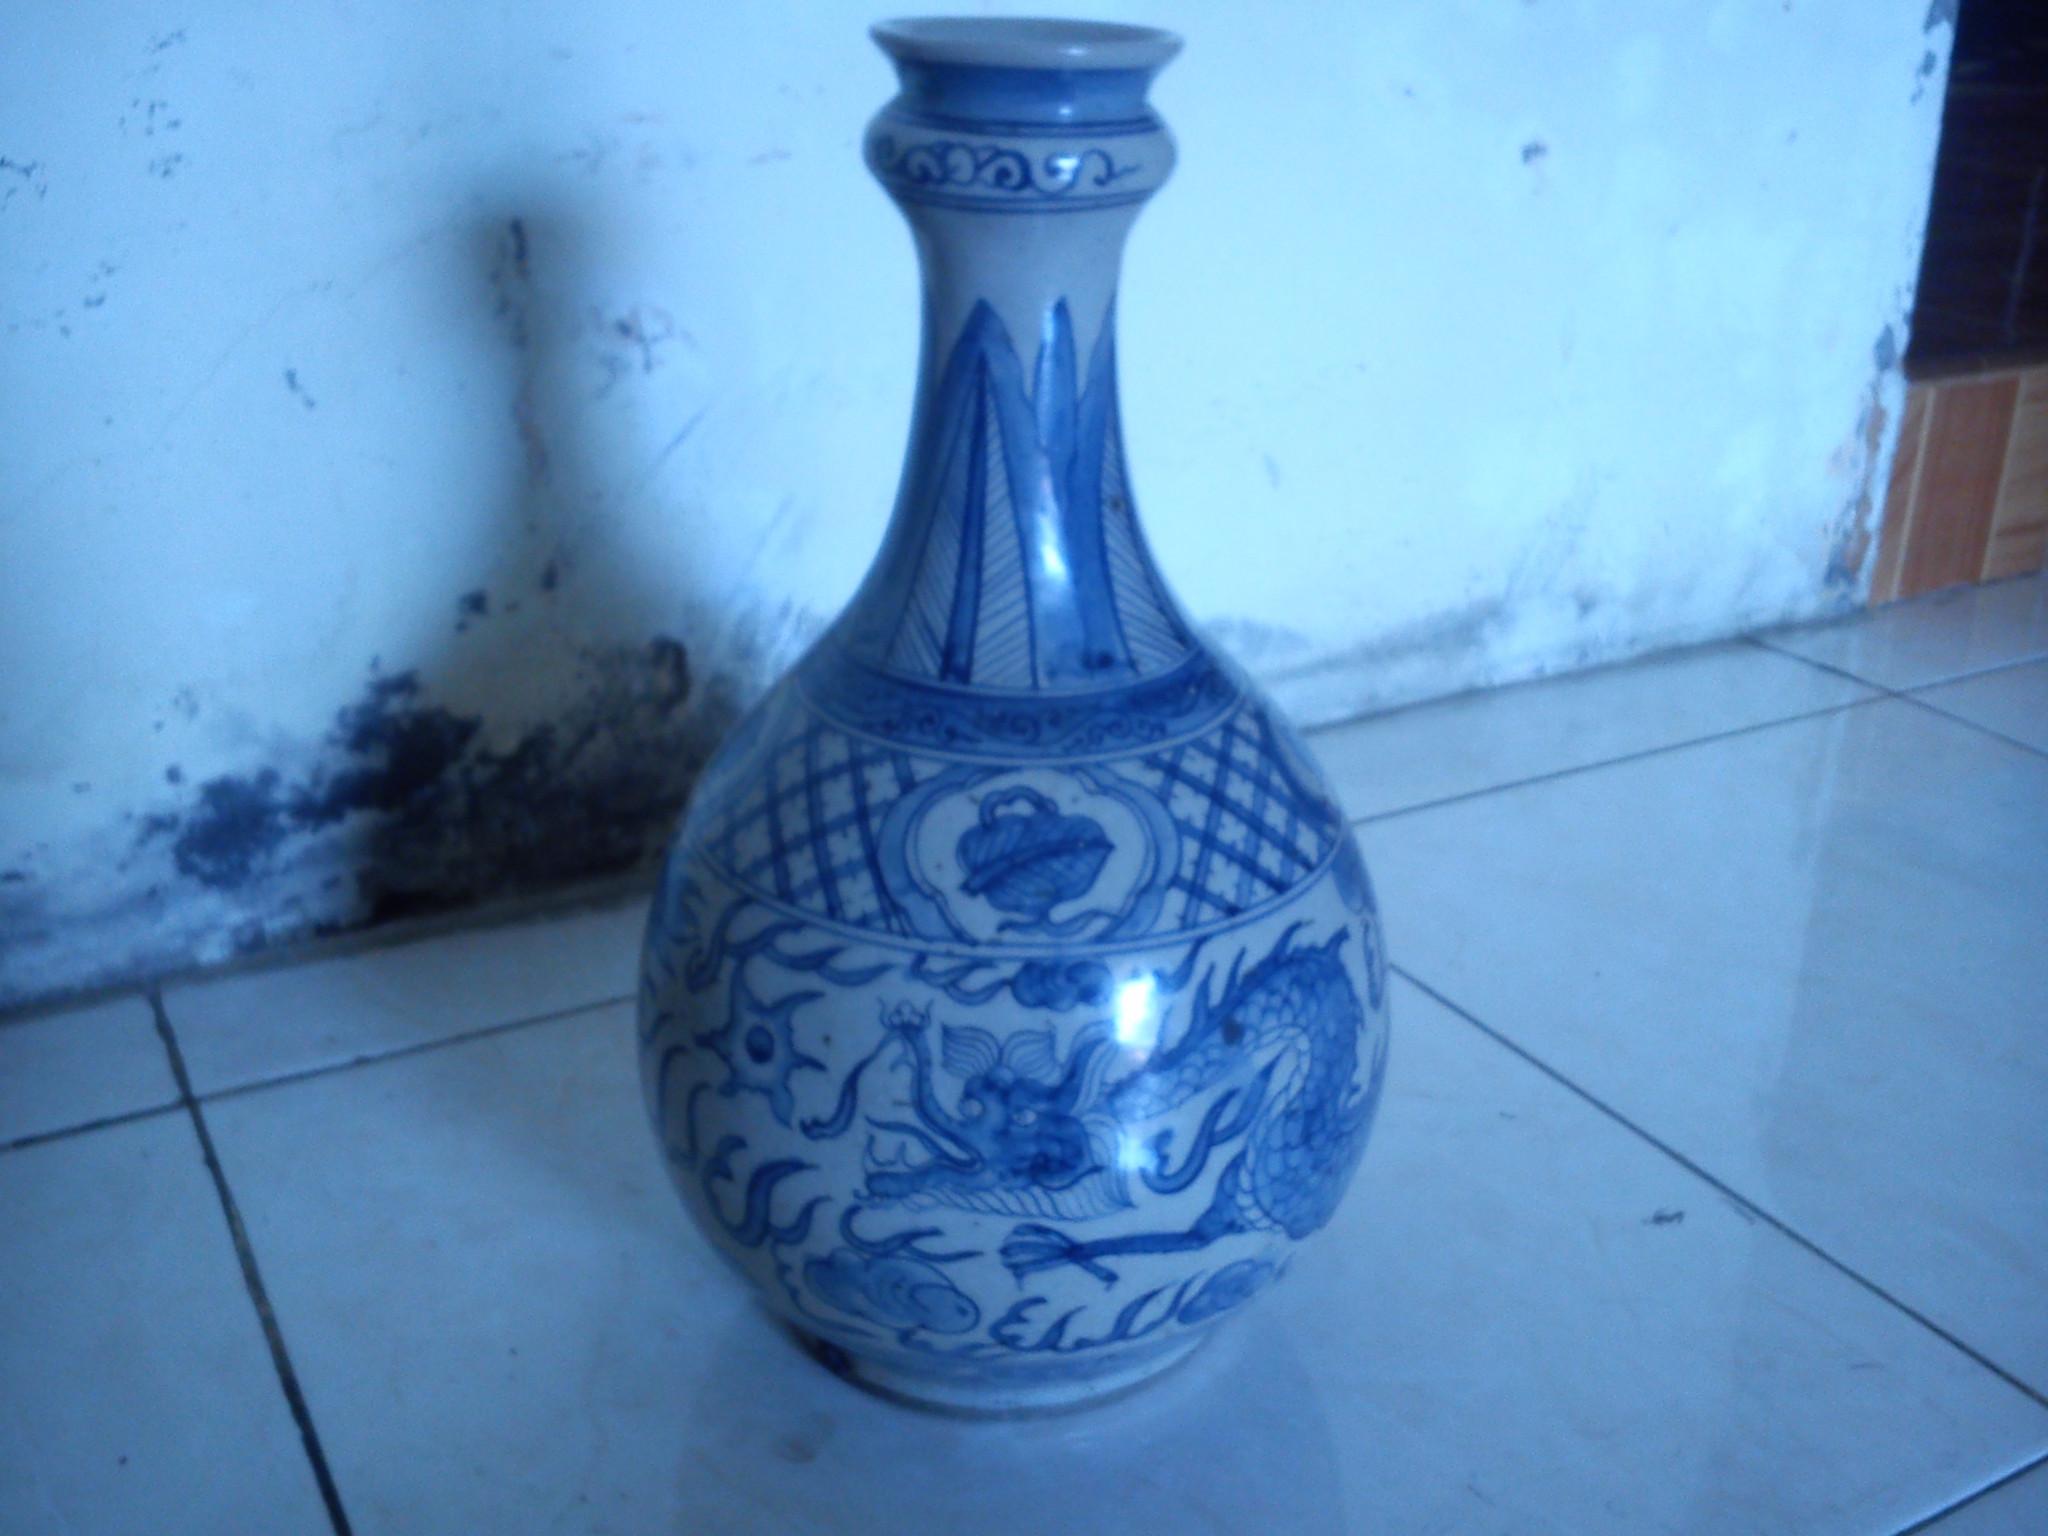 harga Guci / Vas Antik Motif Naga Tokopedia.com